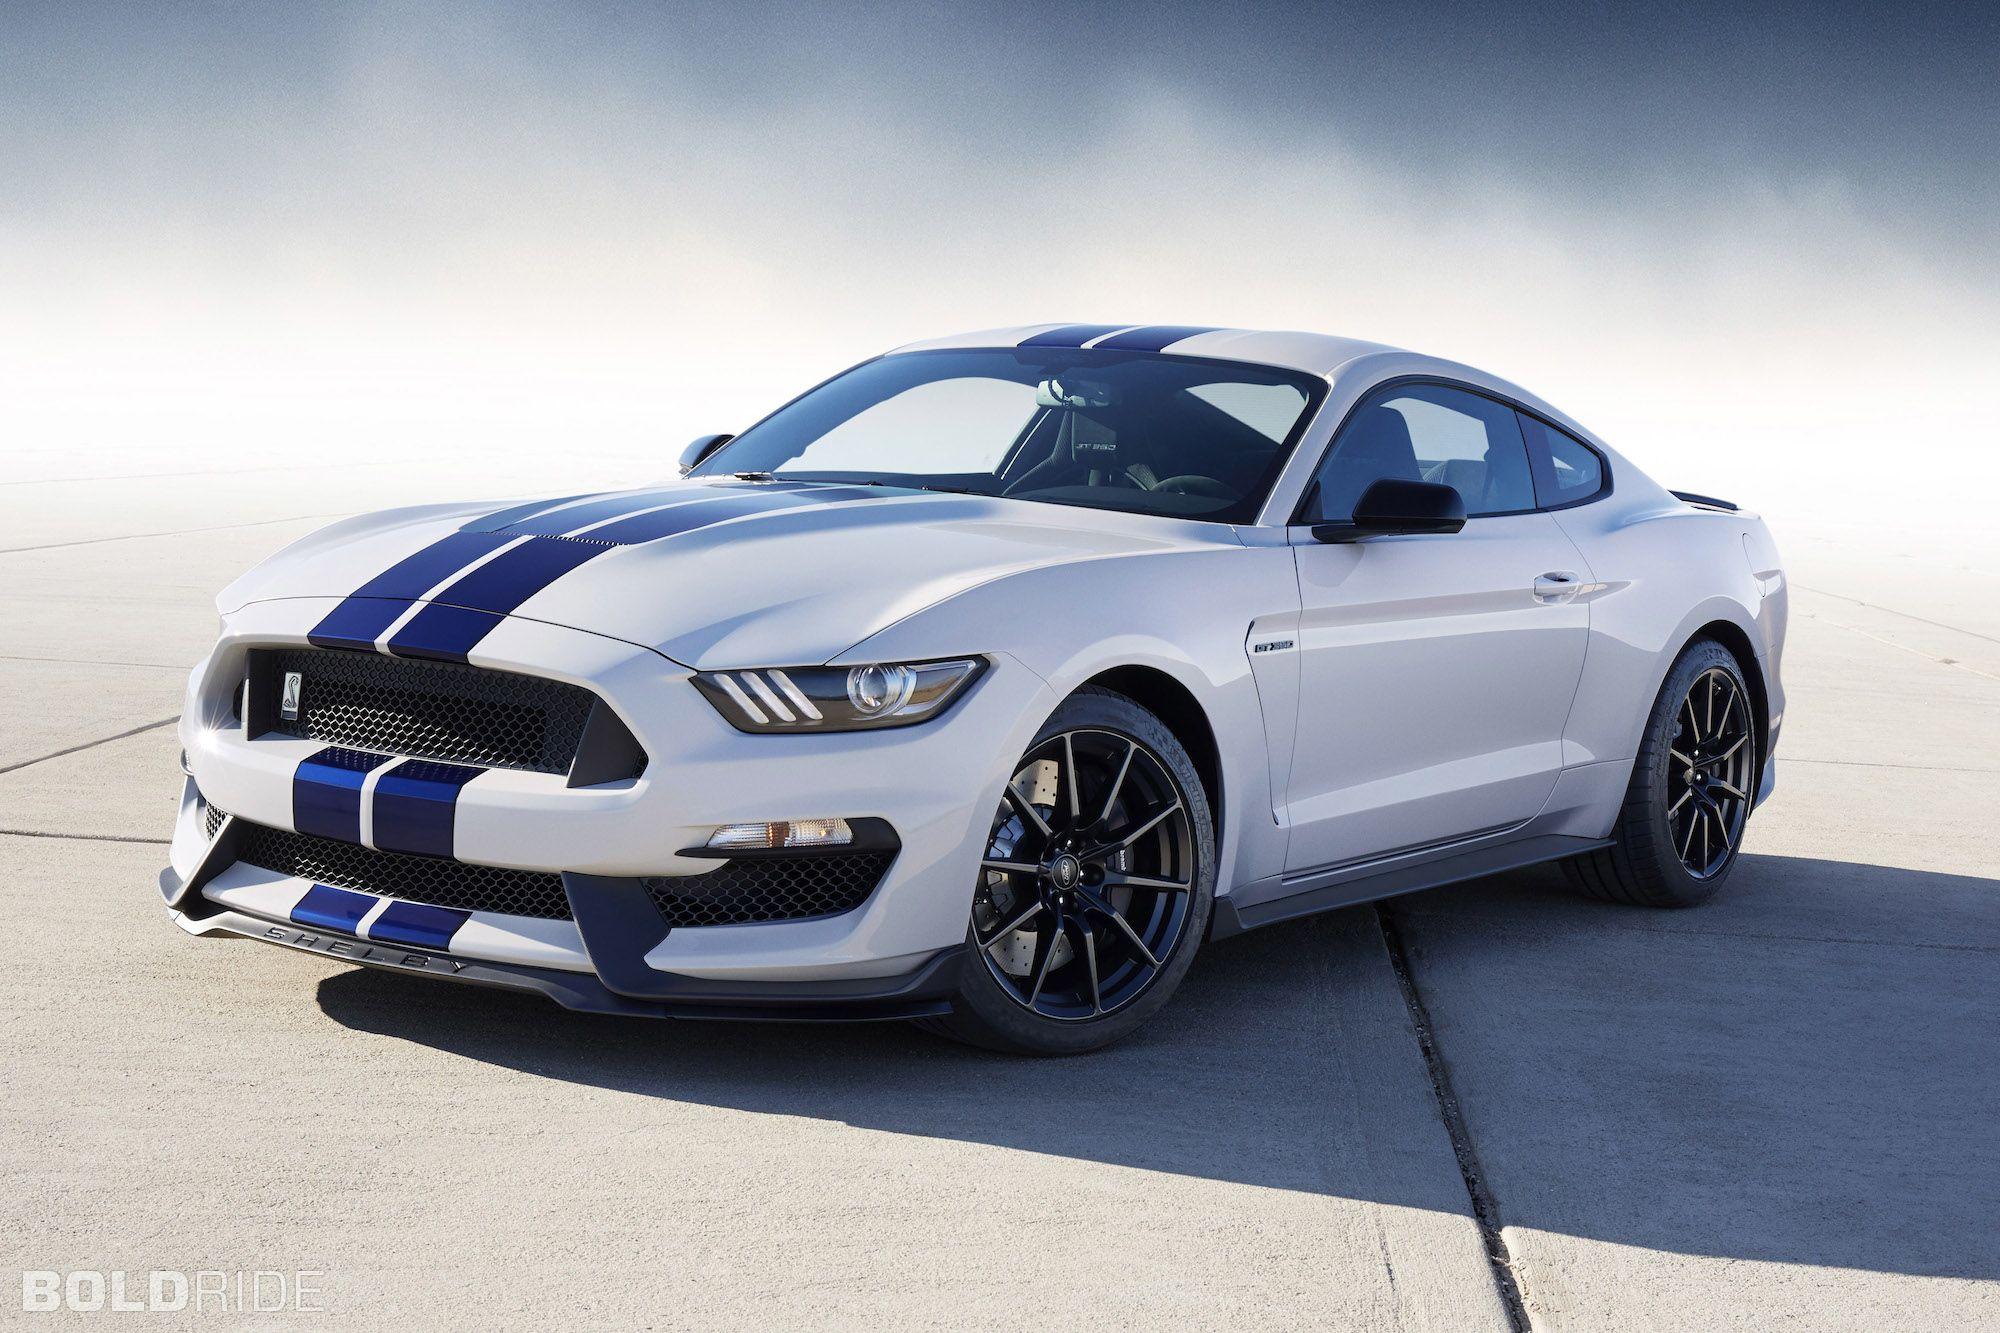 Motor1 Com Car News Reviews And Analysis Ford Mustang Shelby Mustang Shelby New Ford Mustang